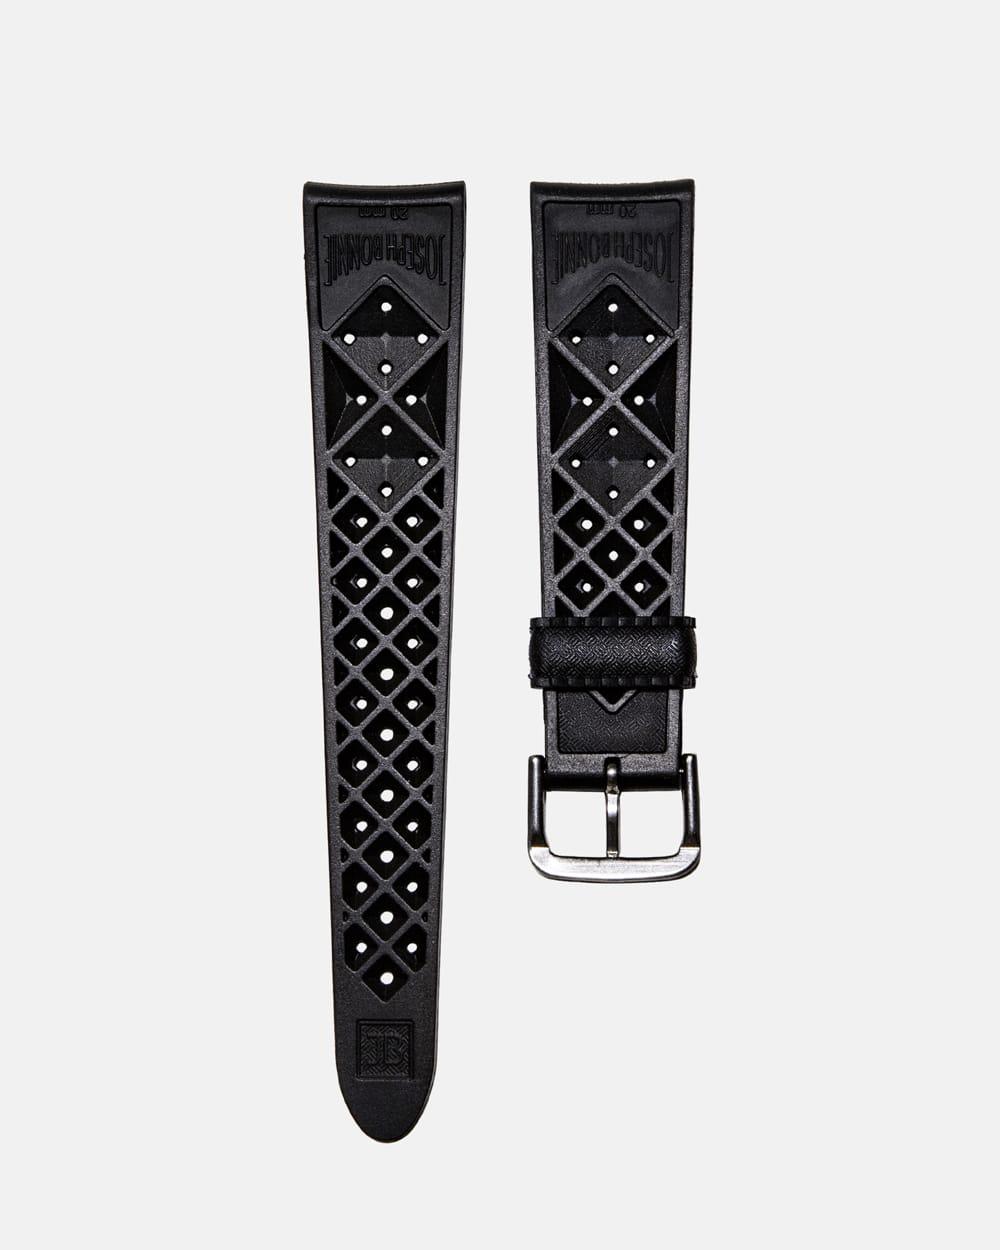 Bracelet Tropic Joseph Bonnie - Bracelet Tropic en caoutchouc vulcanisé